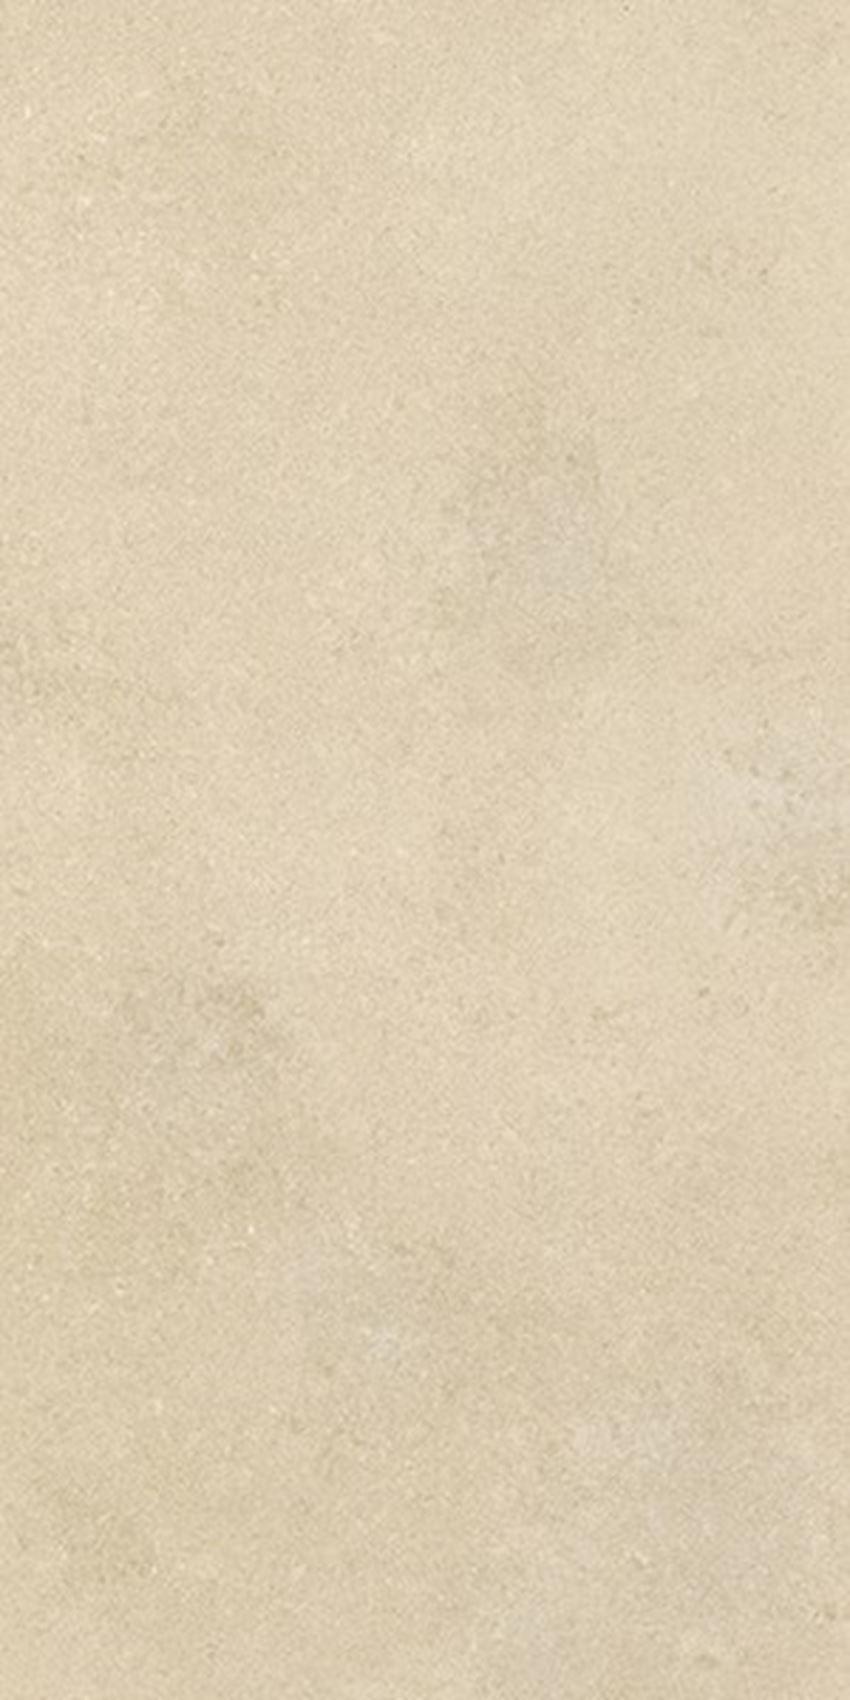 Płytka uniwersalna poler 29,7x59,7 cm Nowa Gala Neutro NU 02